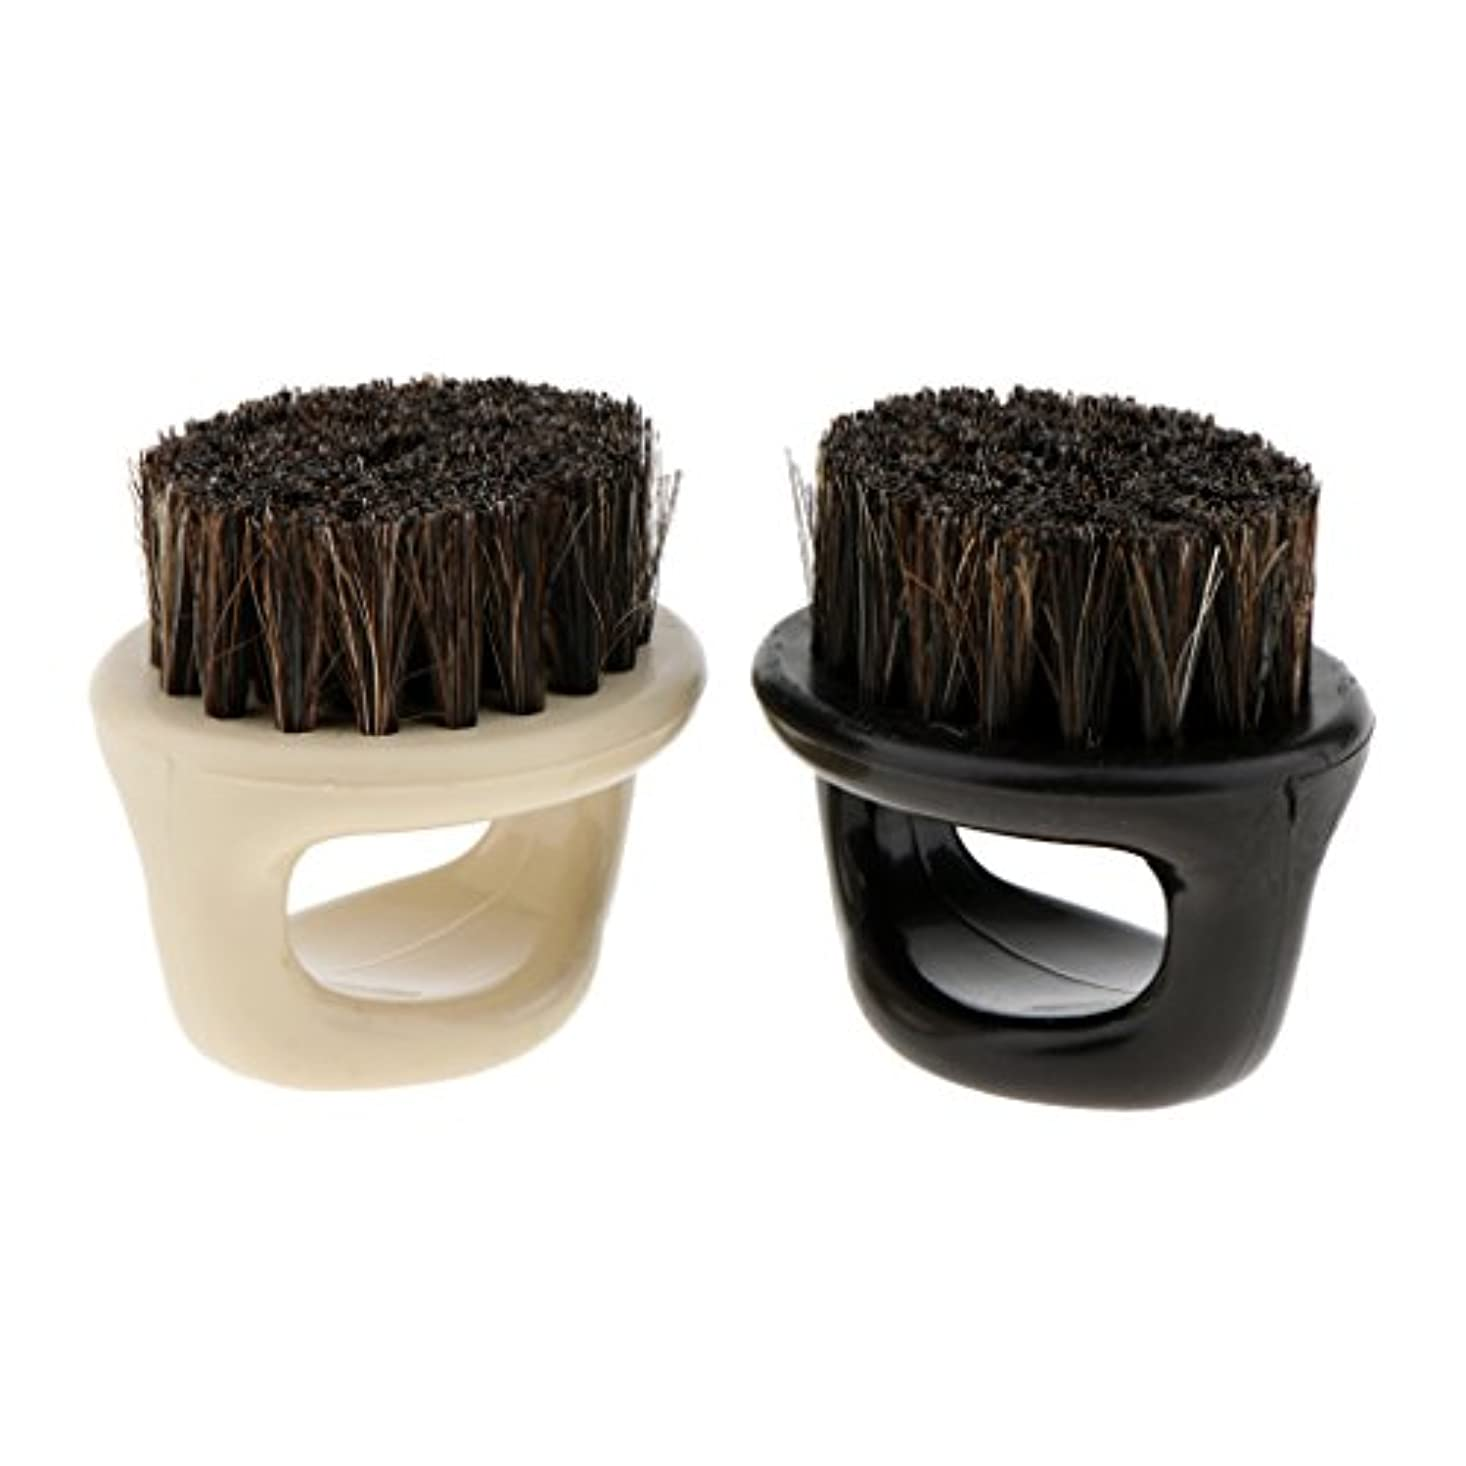 保証記憶に残るピケPerfk 2個 シェービングブラシ メンズ 理容 洗顔 髭剃り